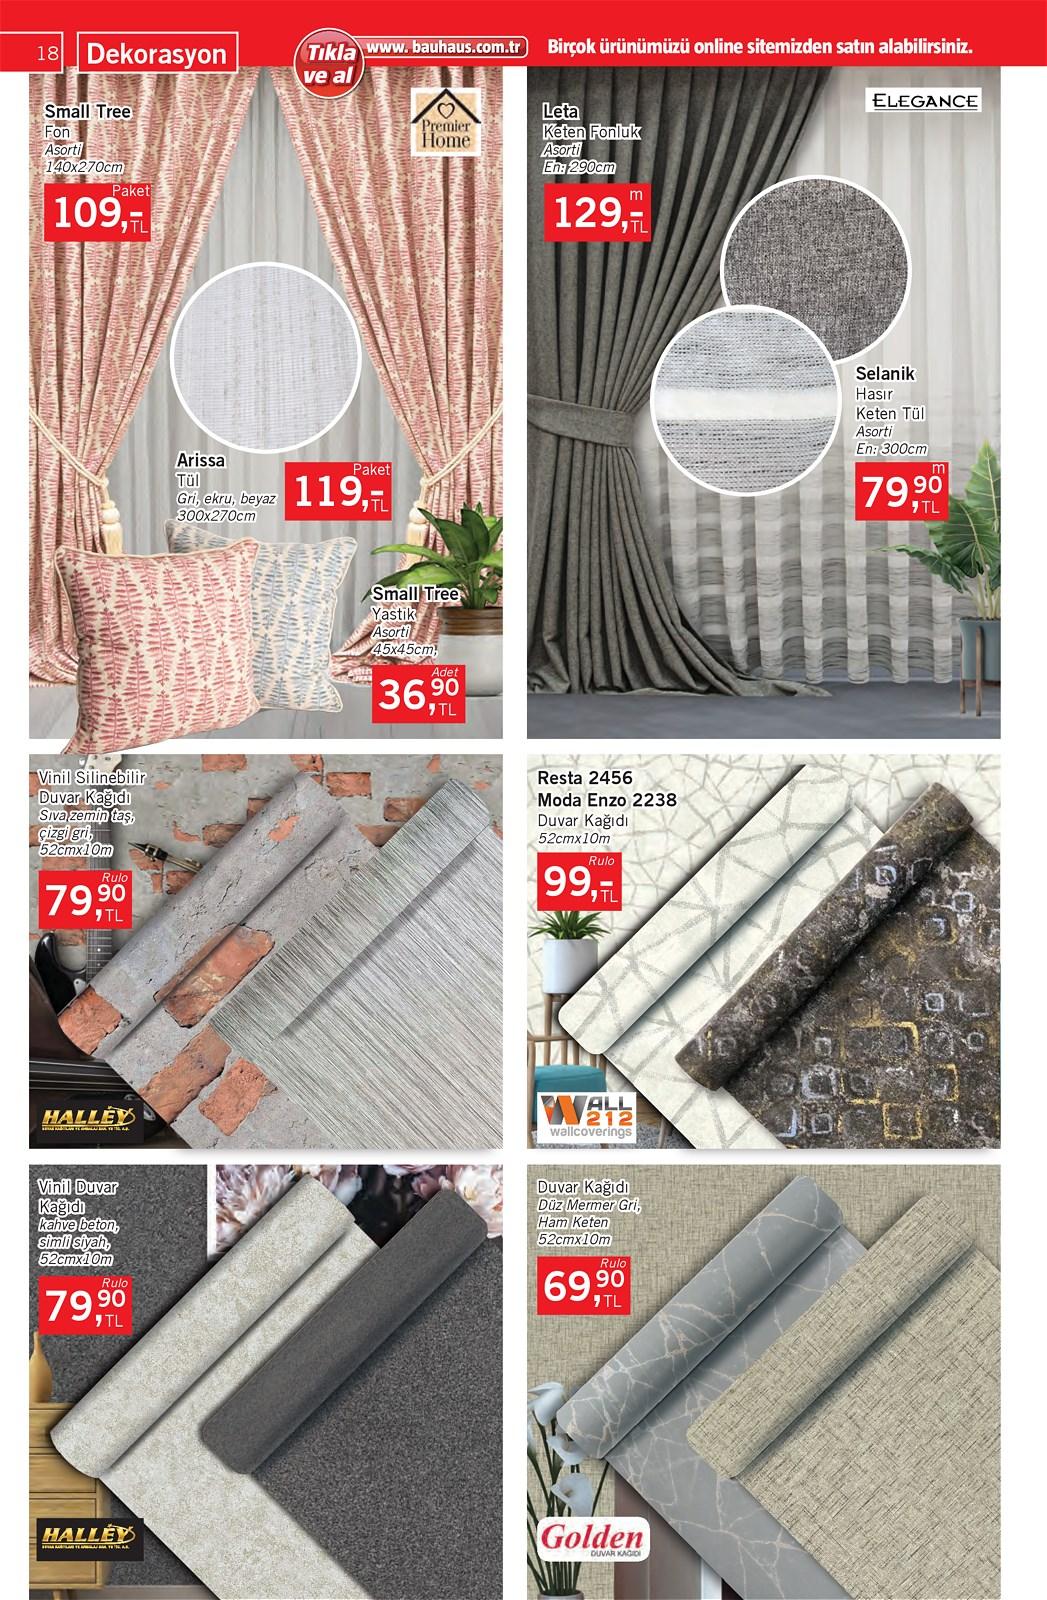 09.01.2021 Bauhaus broşürü 18. sayfa